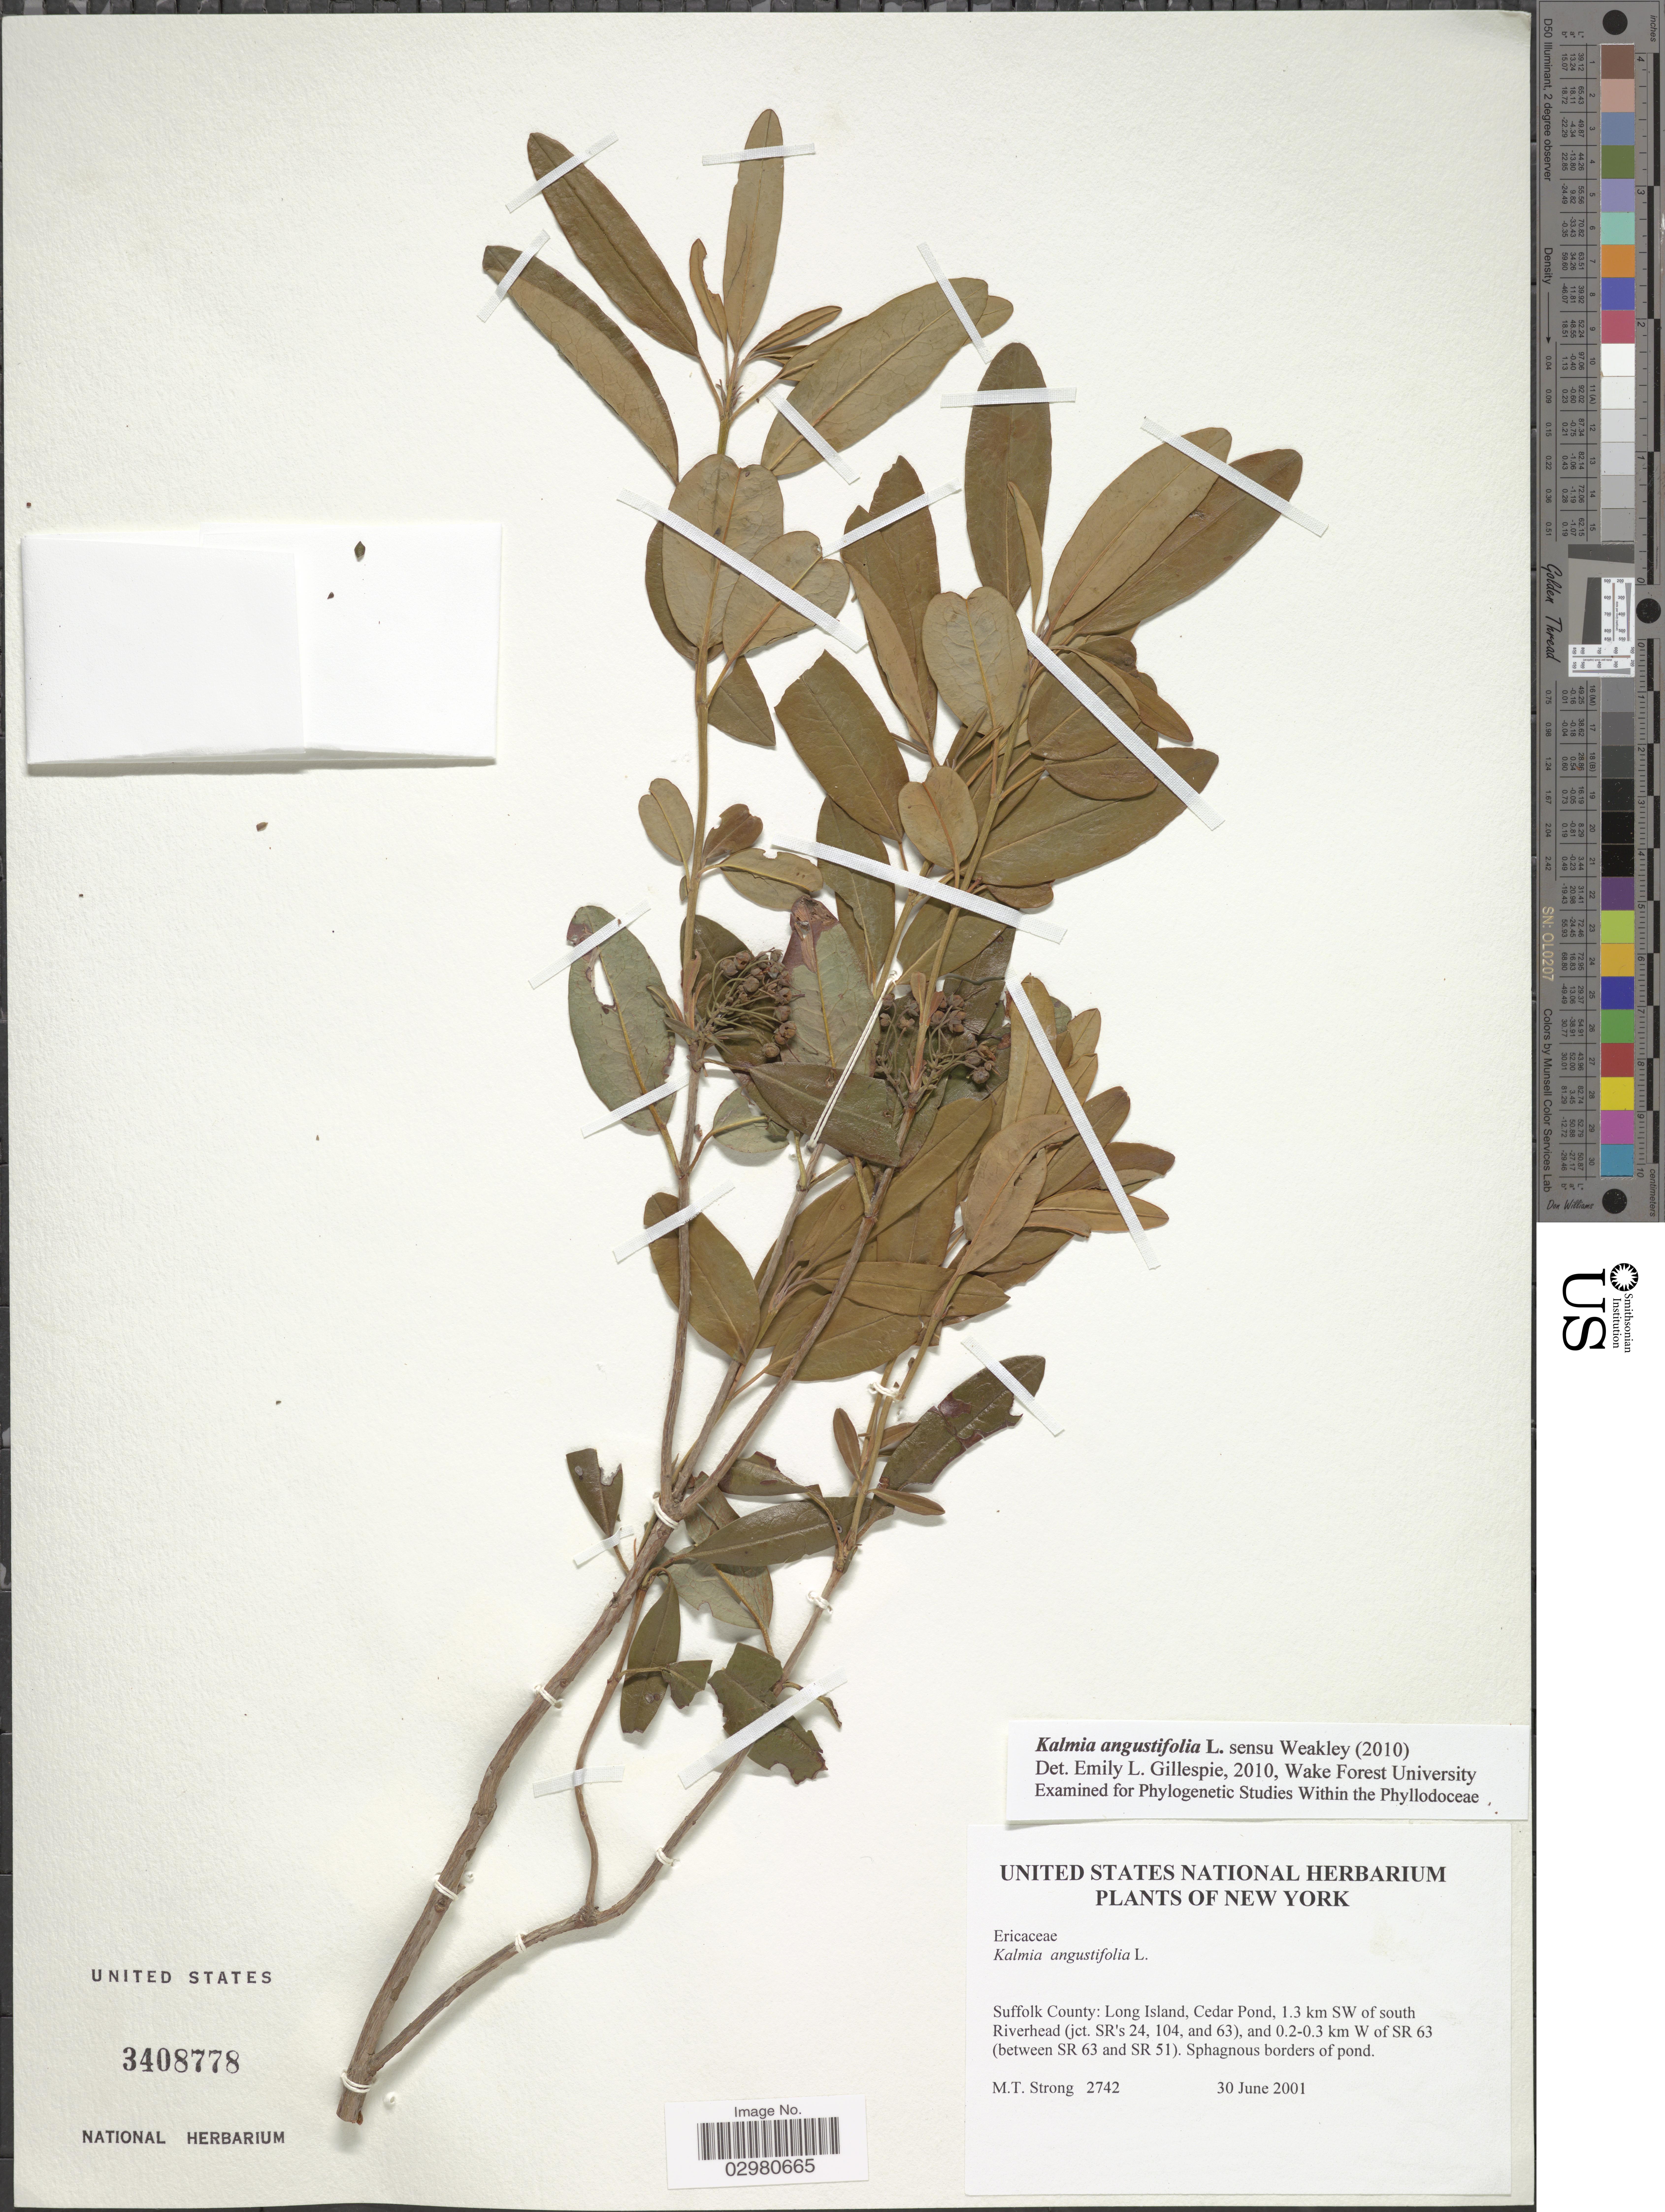 Kalmia angustifolia L.